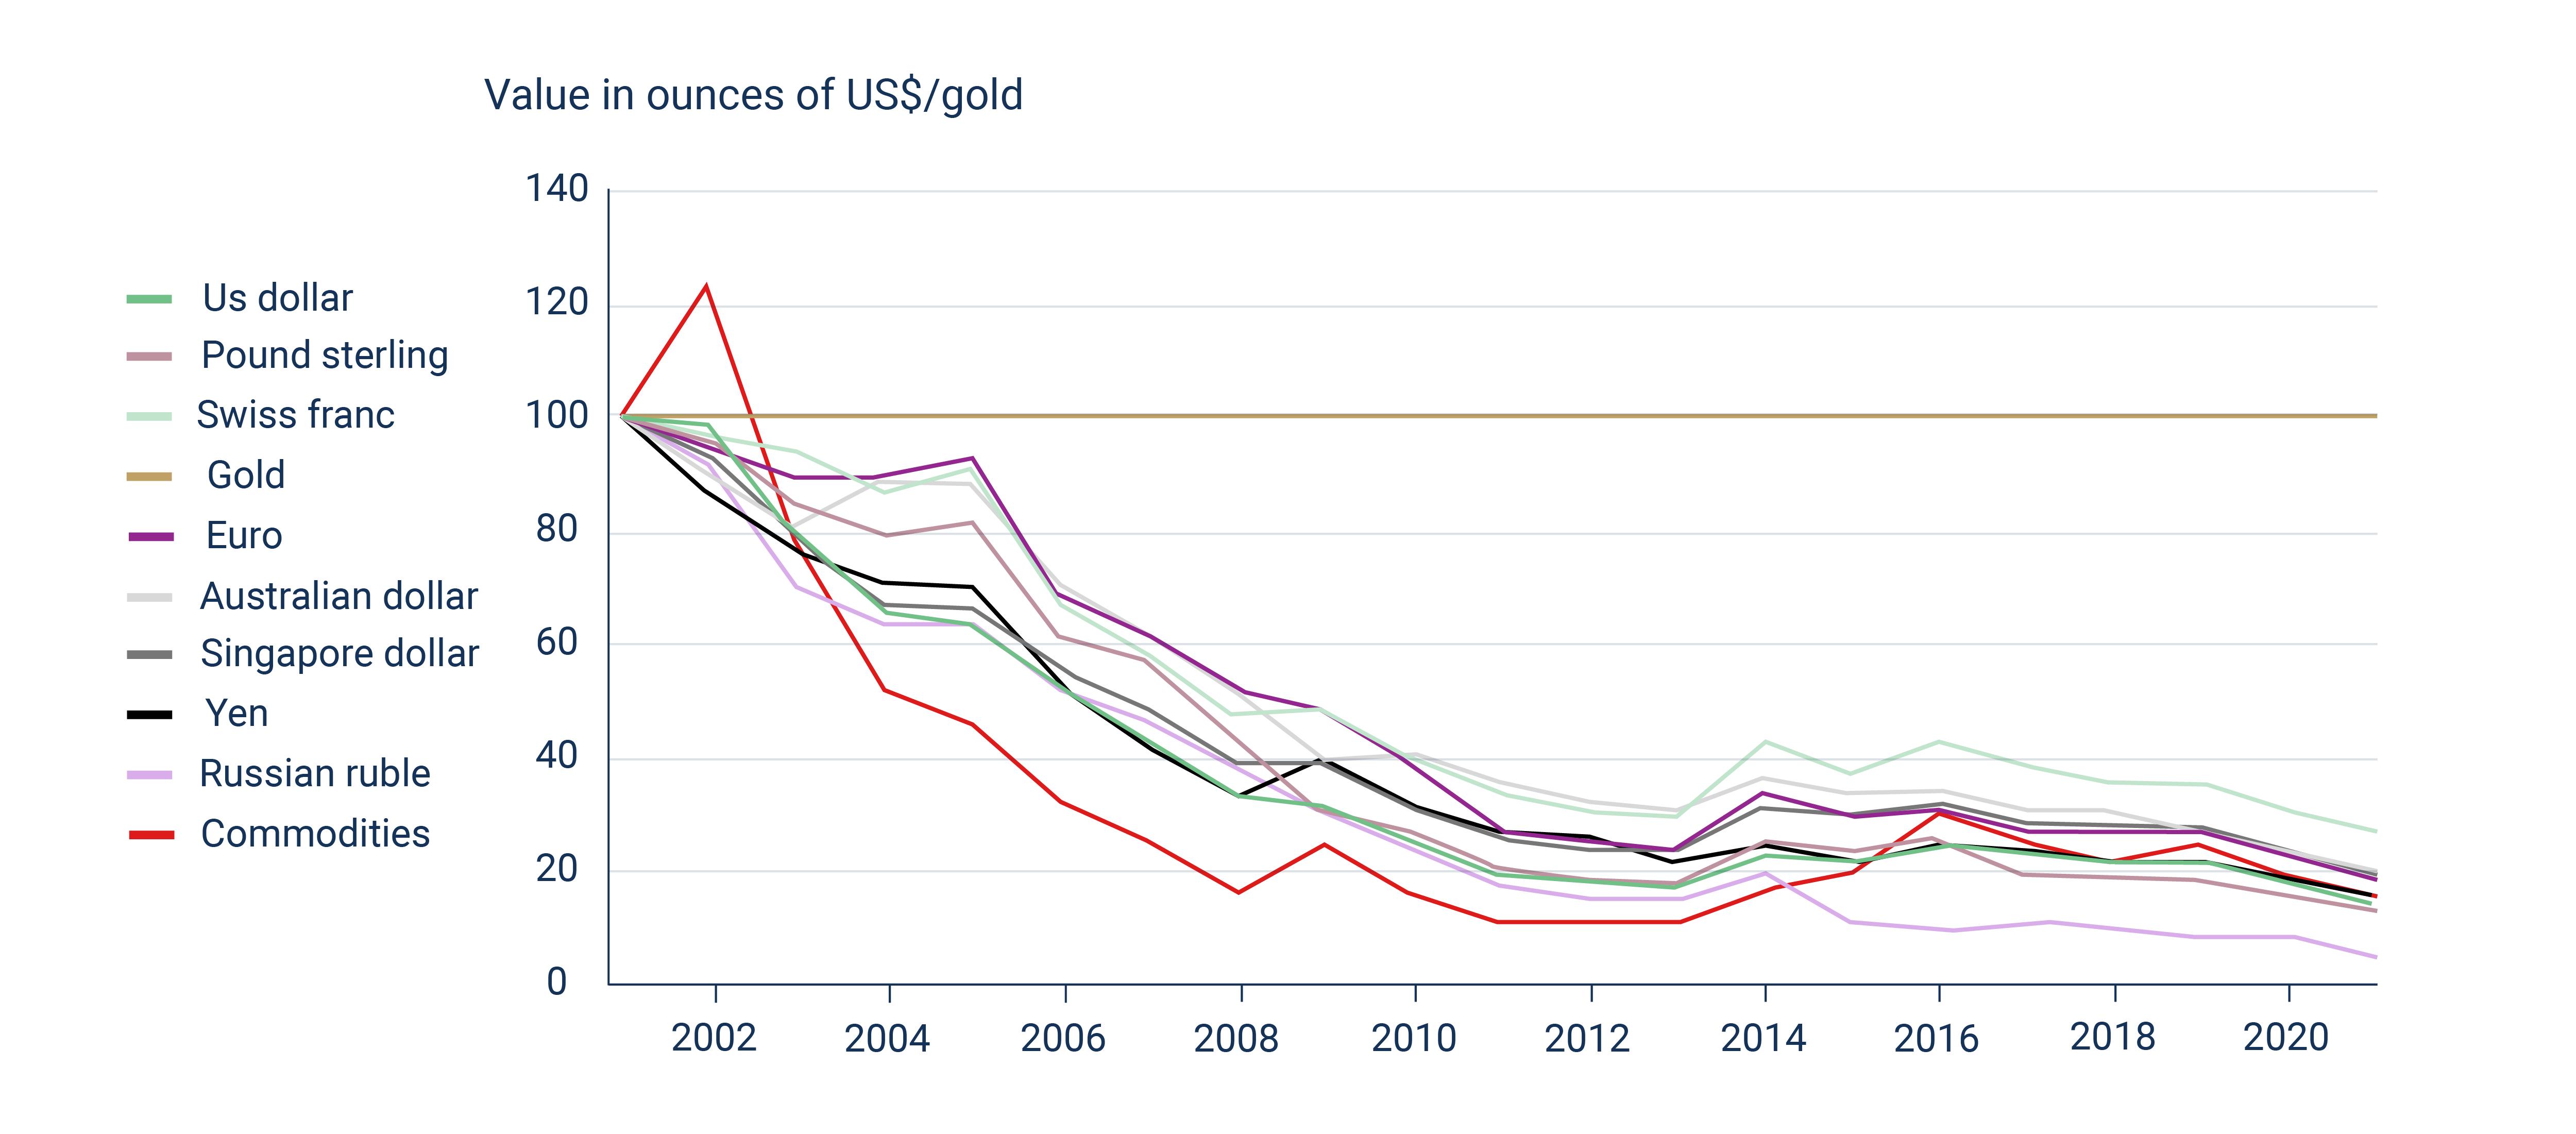 le graphique de l'or par rapport aux principales monnaies fiduciaires montre que l'or a conservé sa valeur alors que les monnaies fiduciaires se sont effondrées en raison de l'inflation.